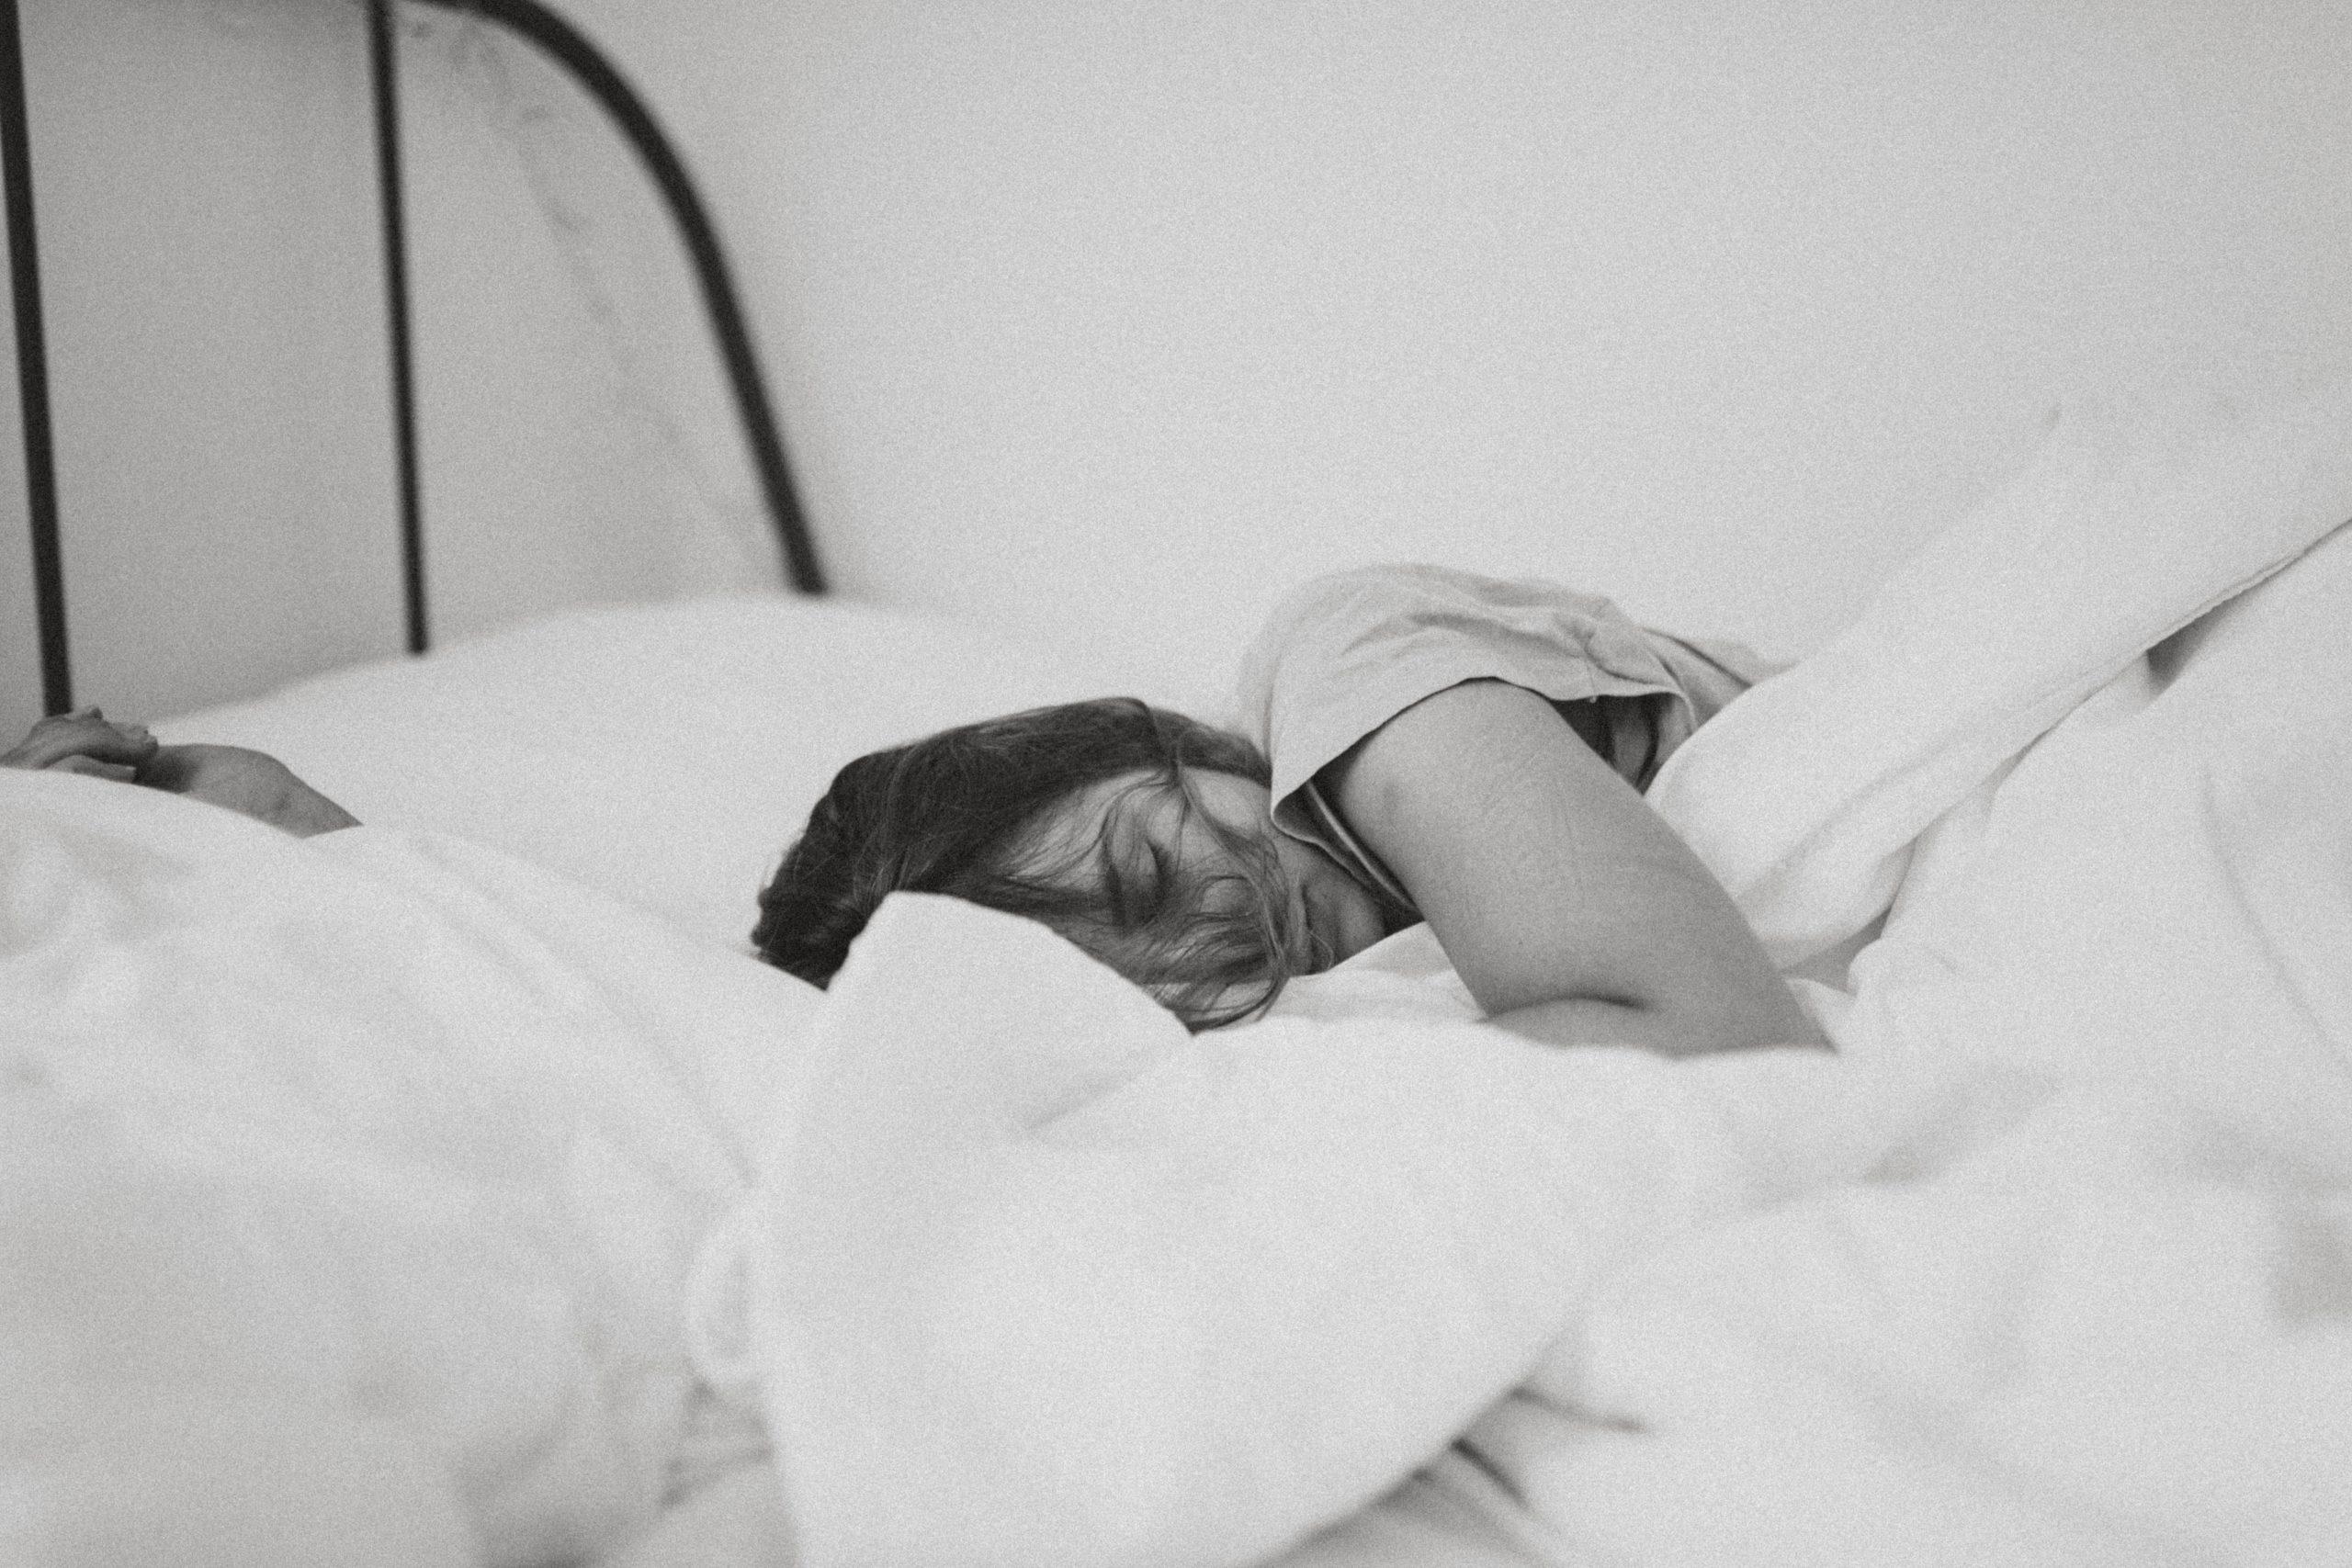 Imagem mostra uma mulher dormindo, deitada de lado numa cama com muitas camadas de roupa de cama e travesseiros.